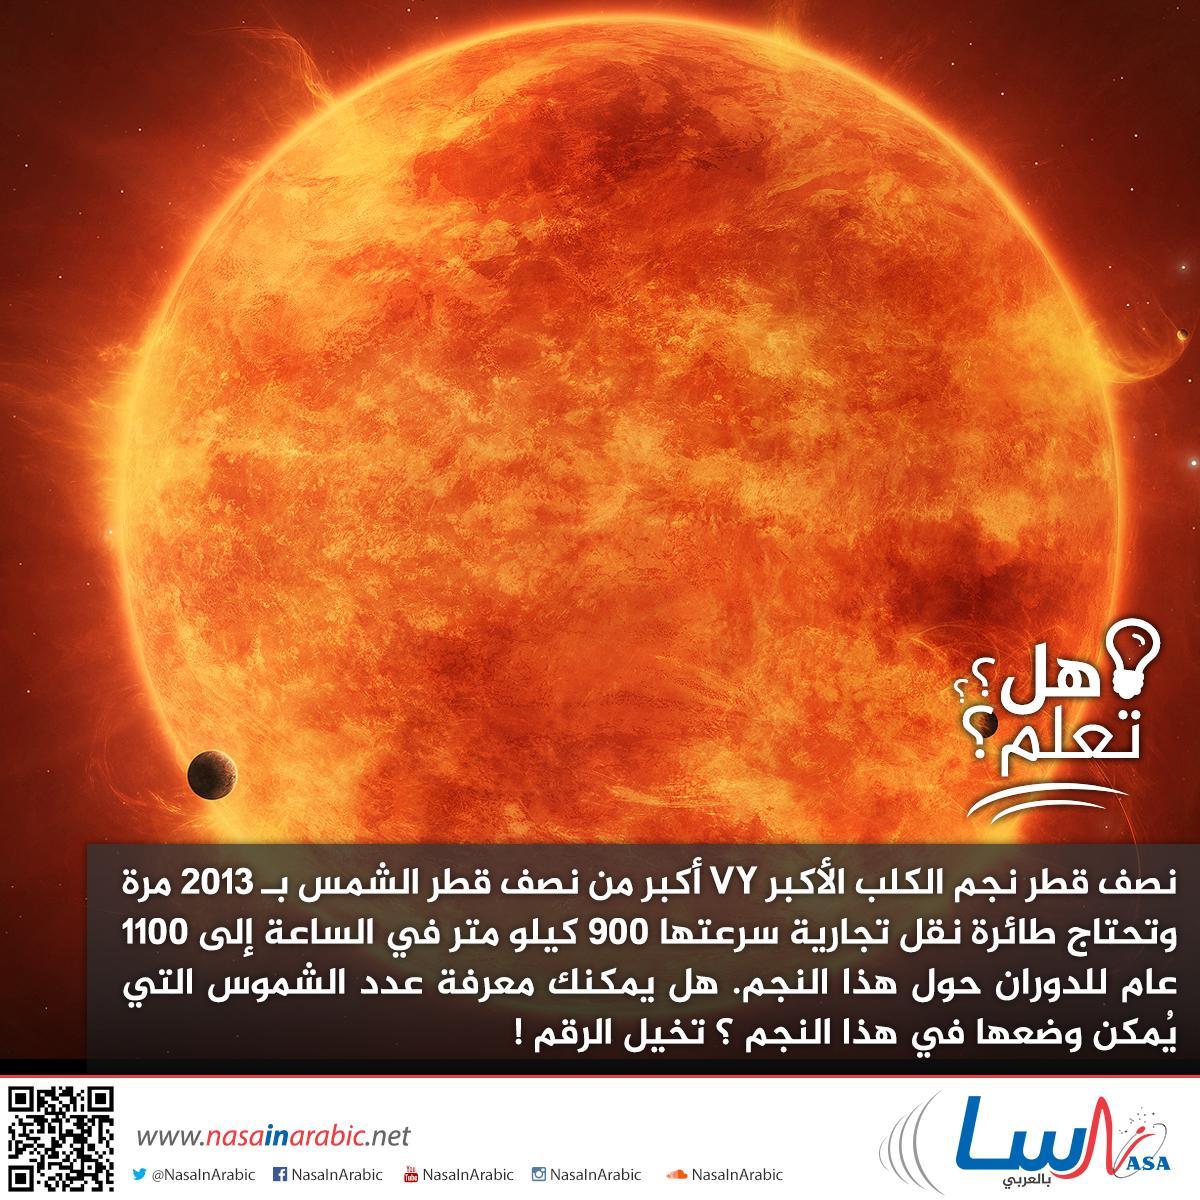 قطر نجم الكلب الأكبر